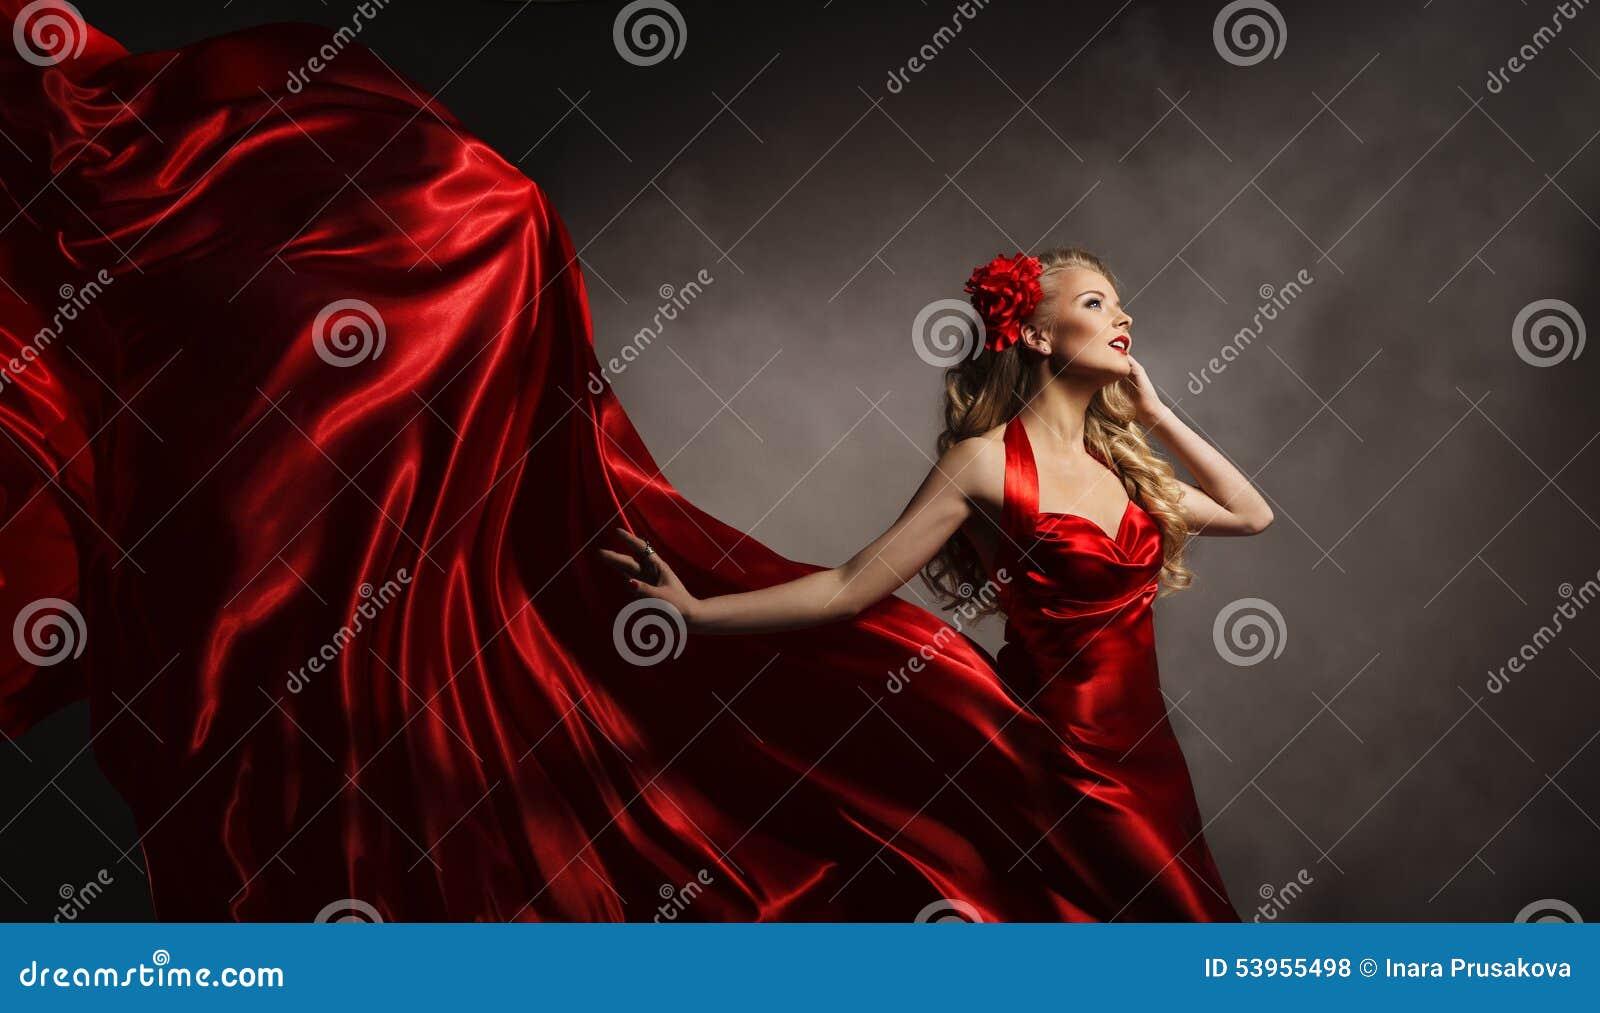 Modell im roten Kleid, Zauber-Frau, die Fliegen-Seiden-Stoff aufwirft